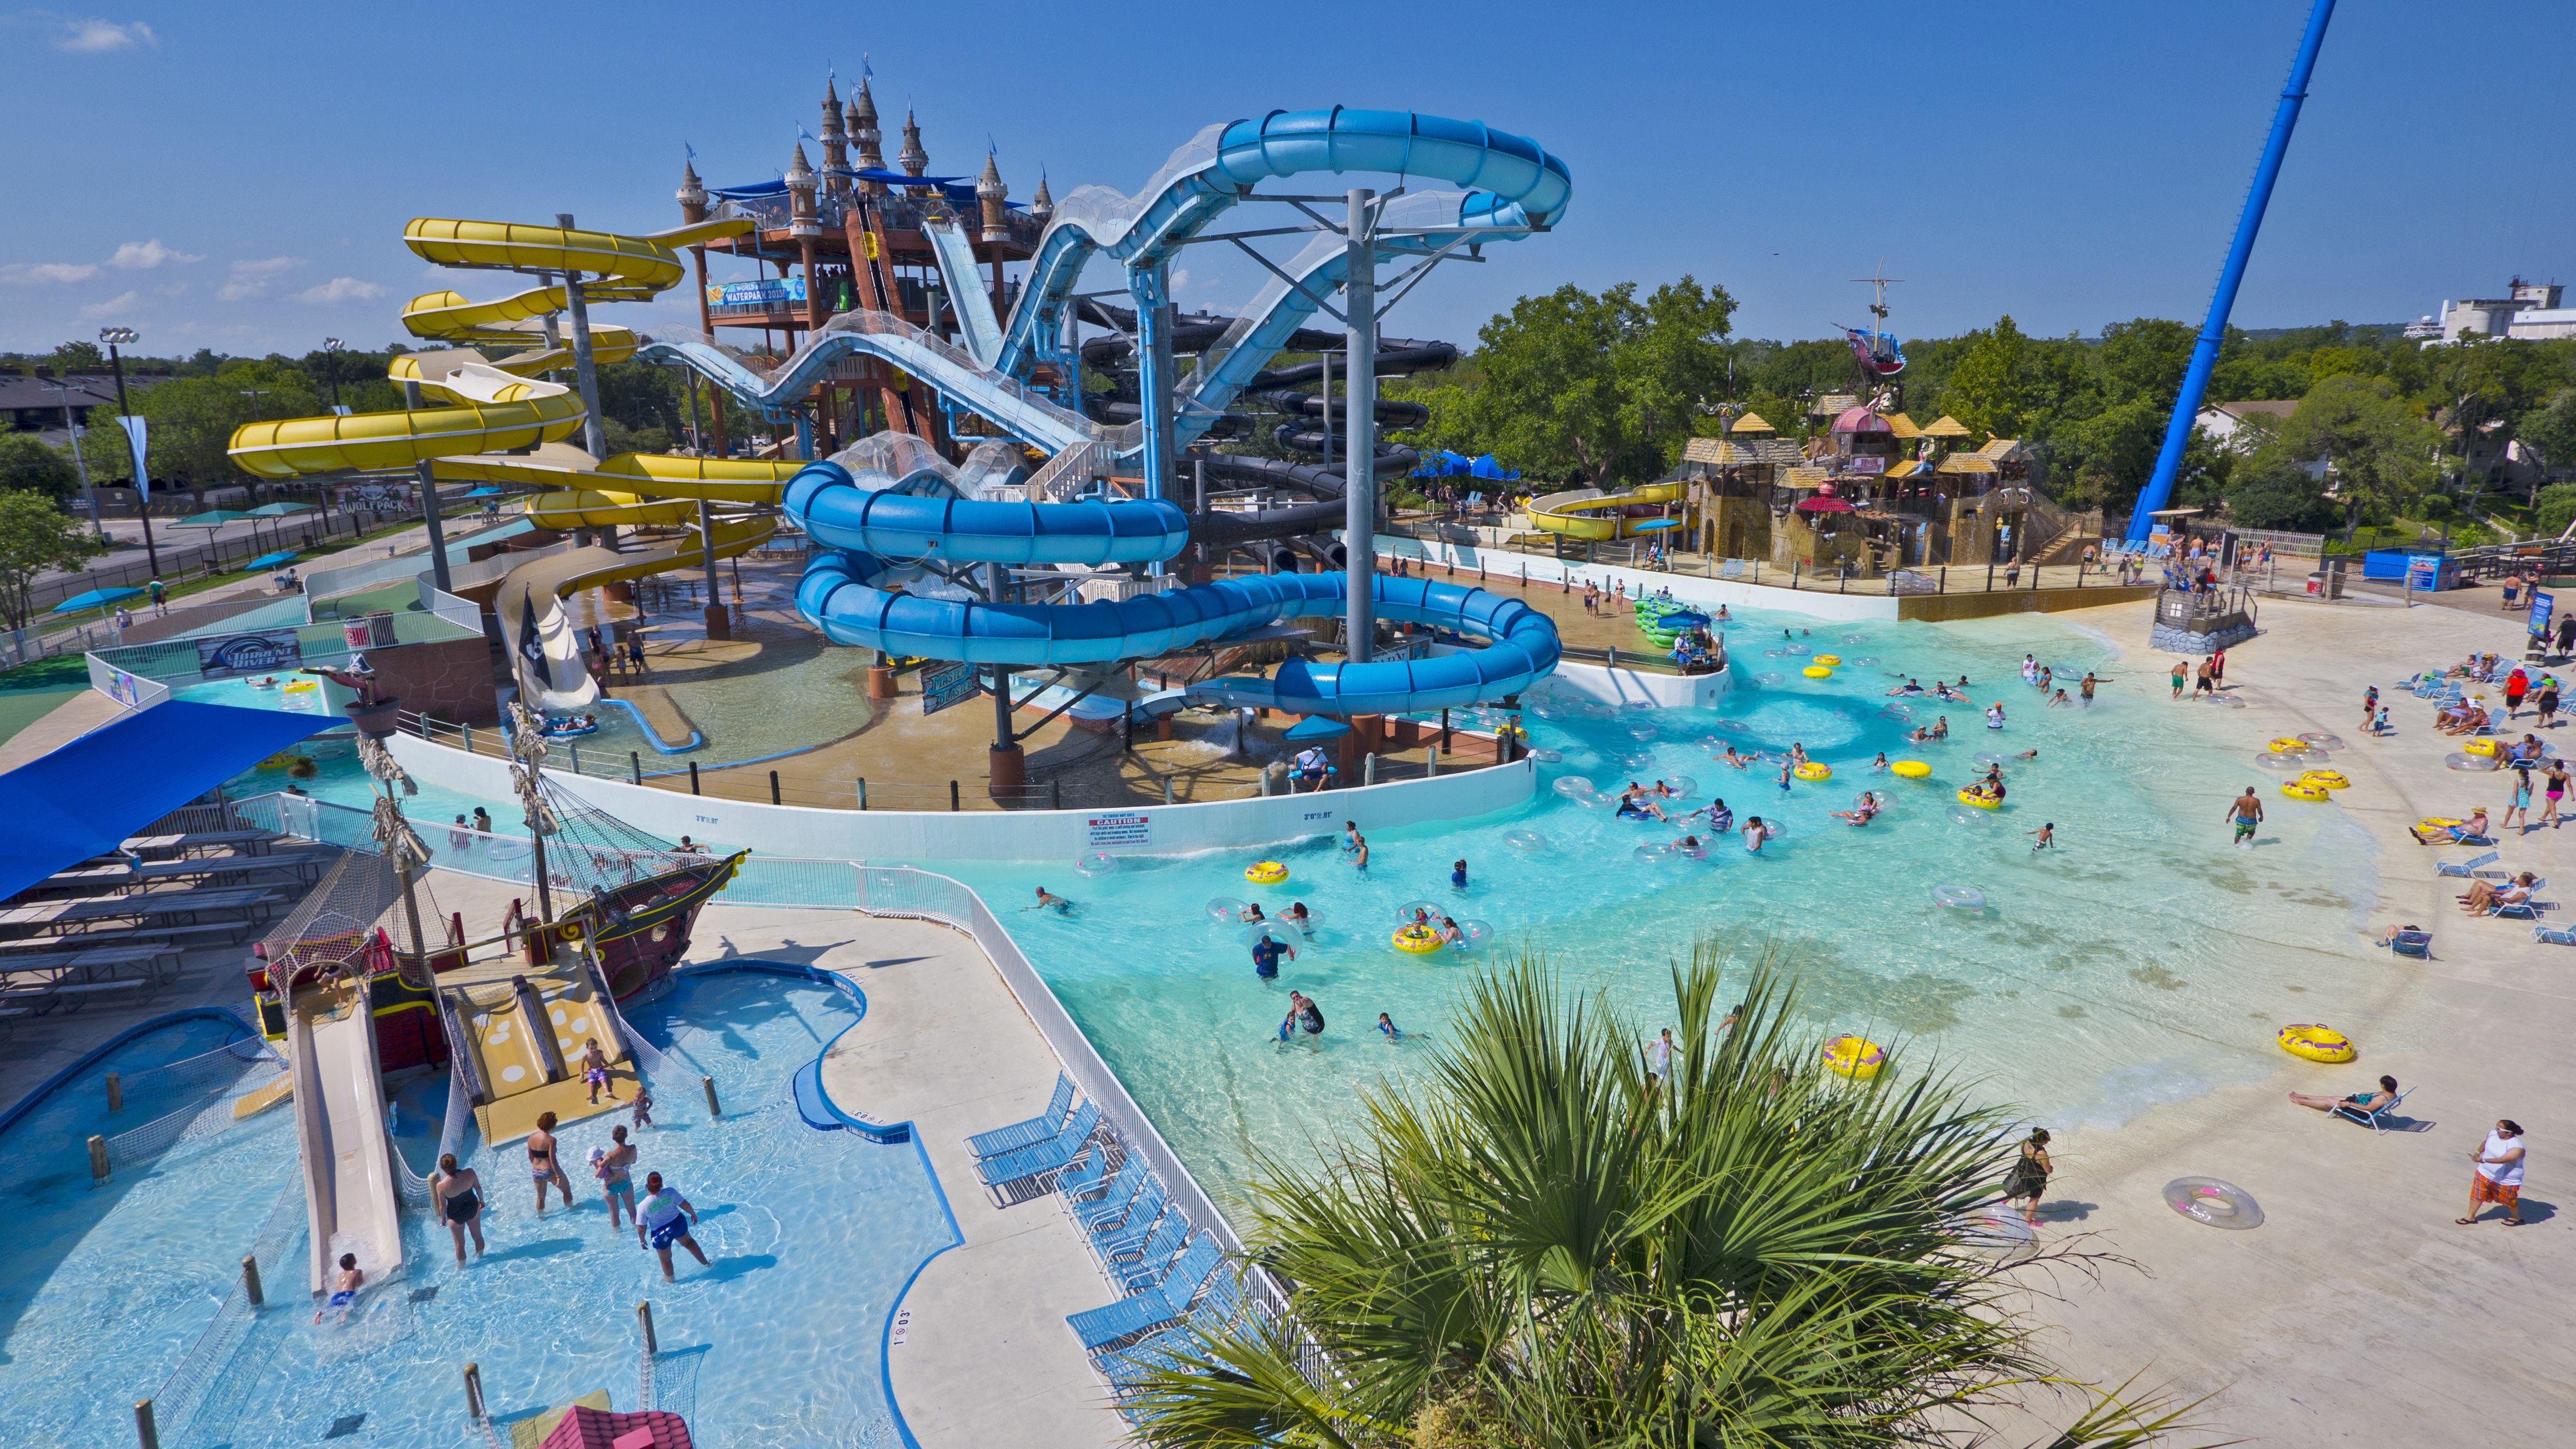 Schlitterbahn Waterpark New Braunfels TX